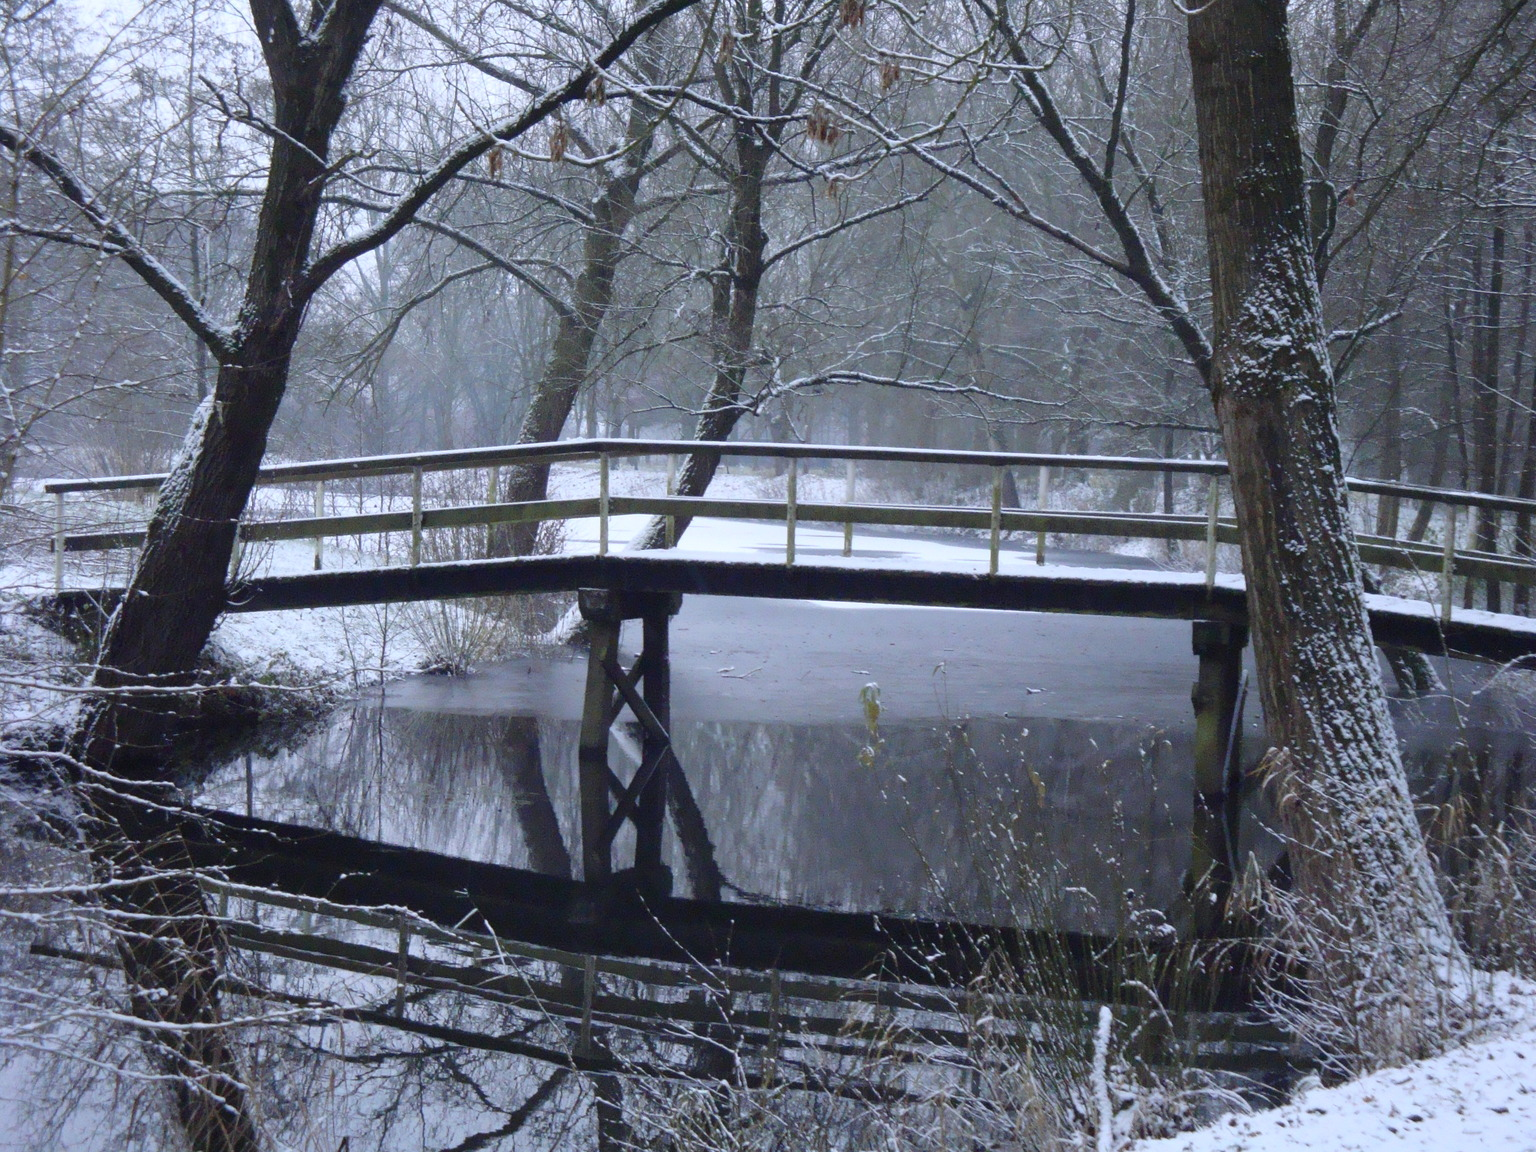 silence - winterse stilte - foto door TMQ op 14-04-2021 - locatie: Karbogerd 4283, 4283 Giessen, Nederland - deze foto bevat: winter, stilte, water, fabriek, boom, sneeuw, hout, natuurlijk landschap, takje, waterloop, atmosferisch fenomeen, bank